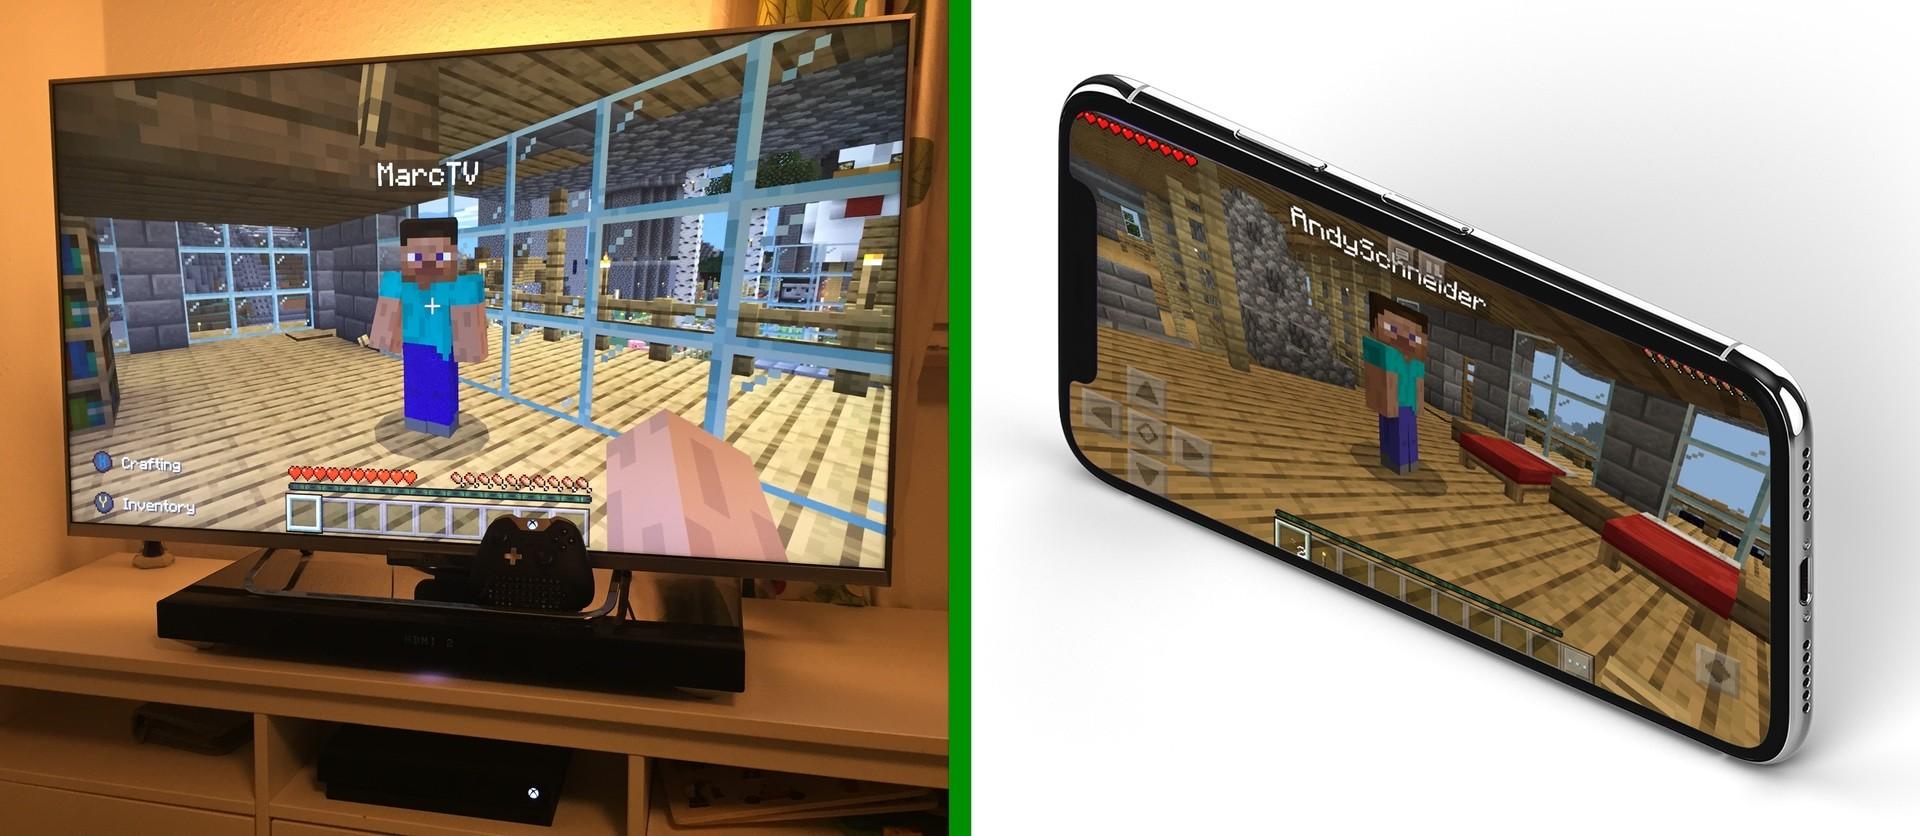 Andy's Xbox ONE und mein iPhone auf dem meinem Bedrock Server